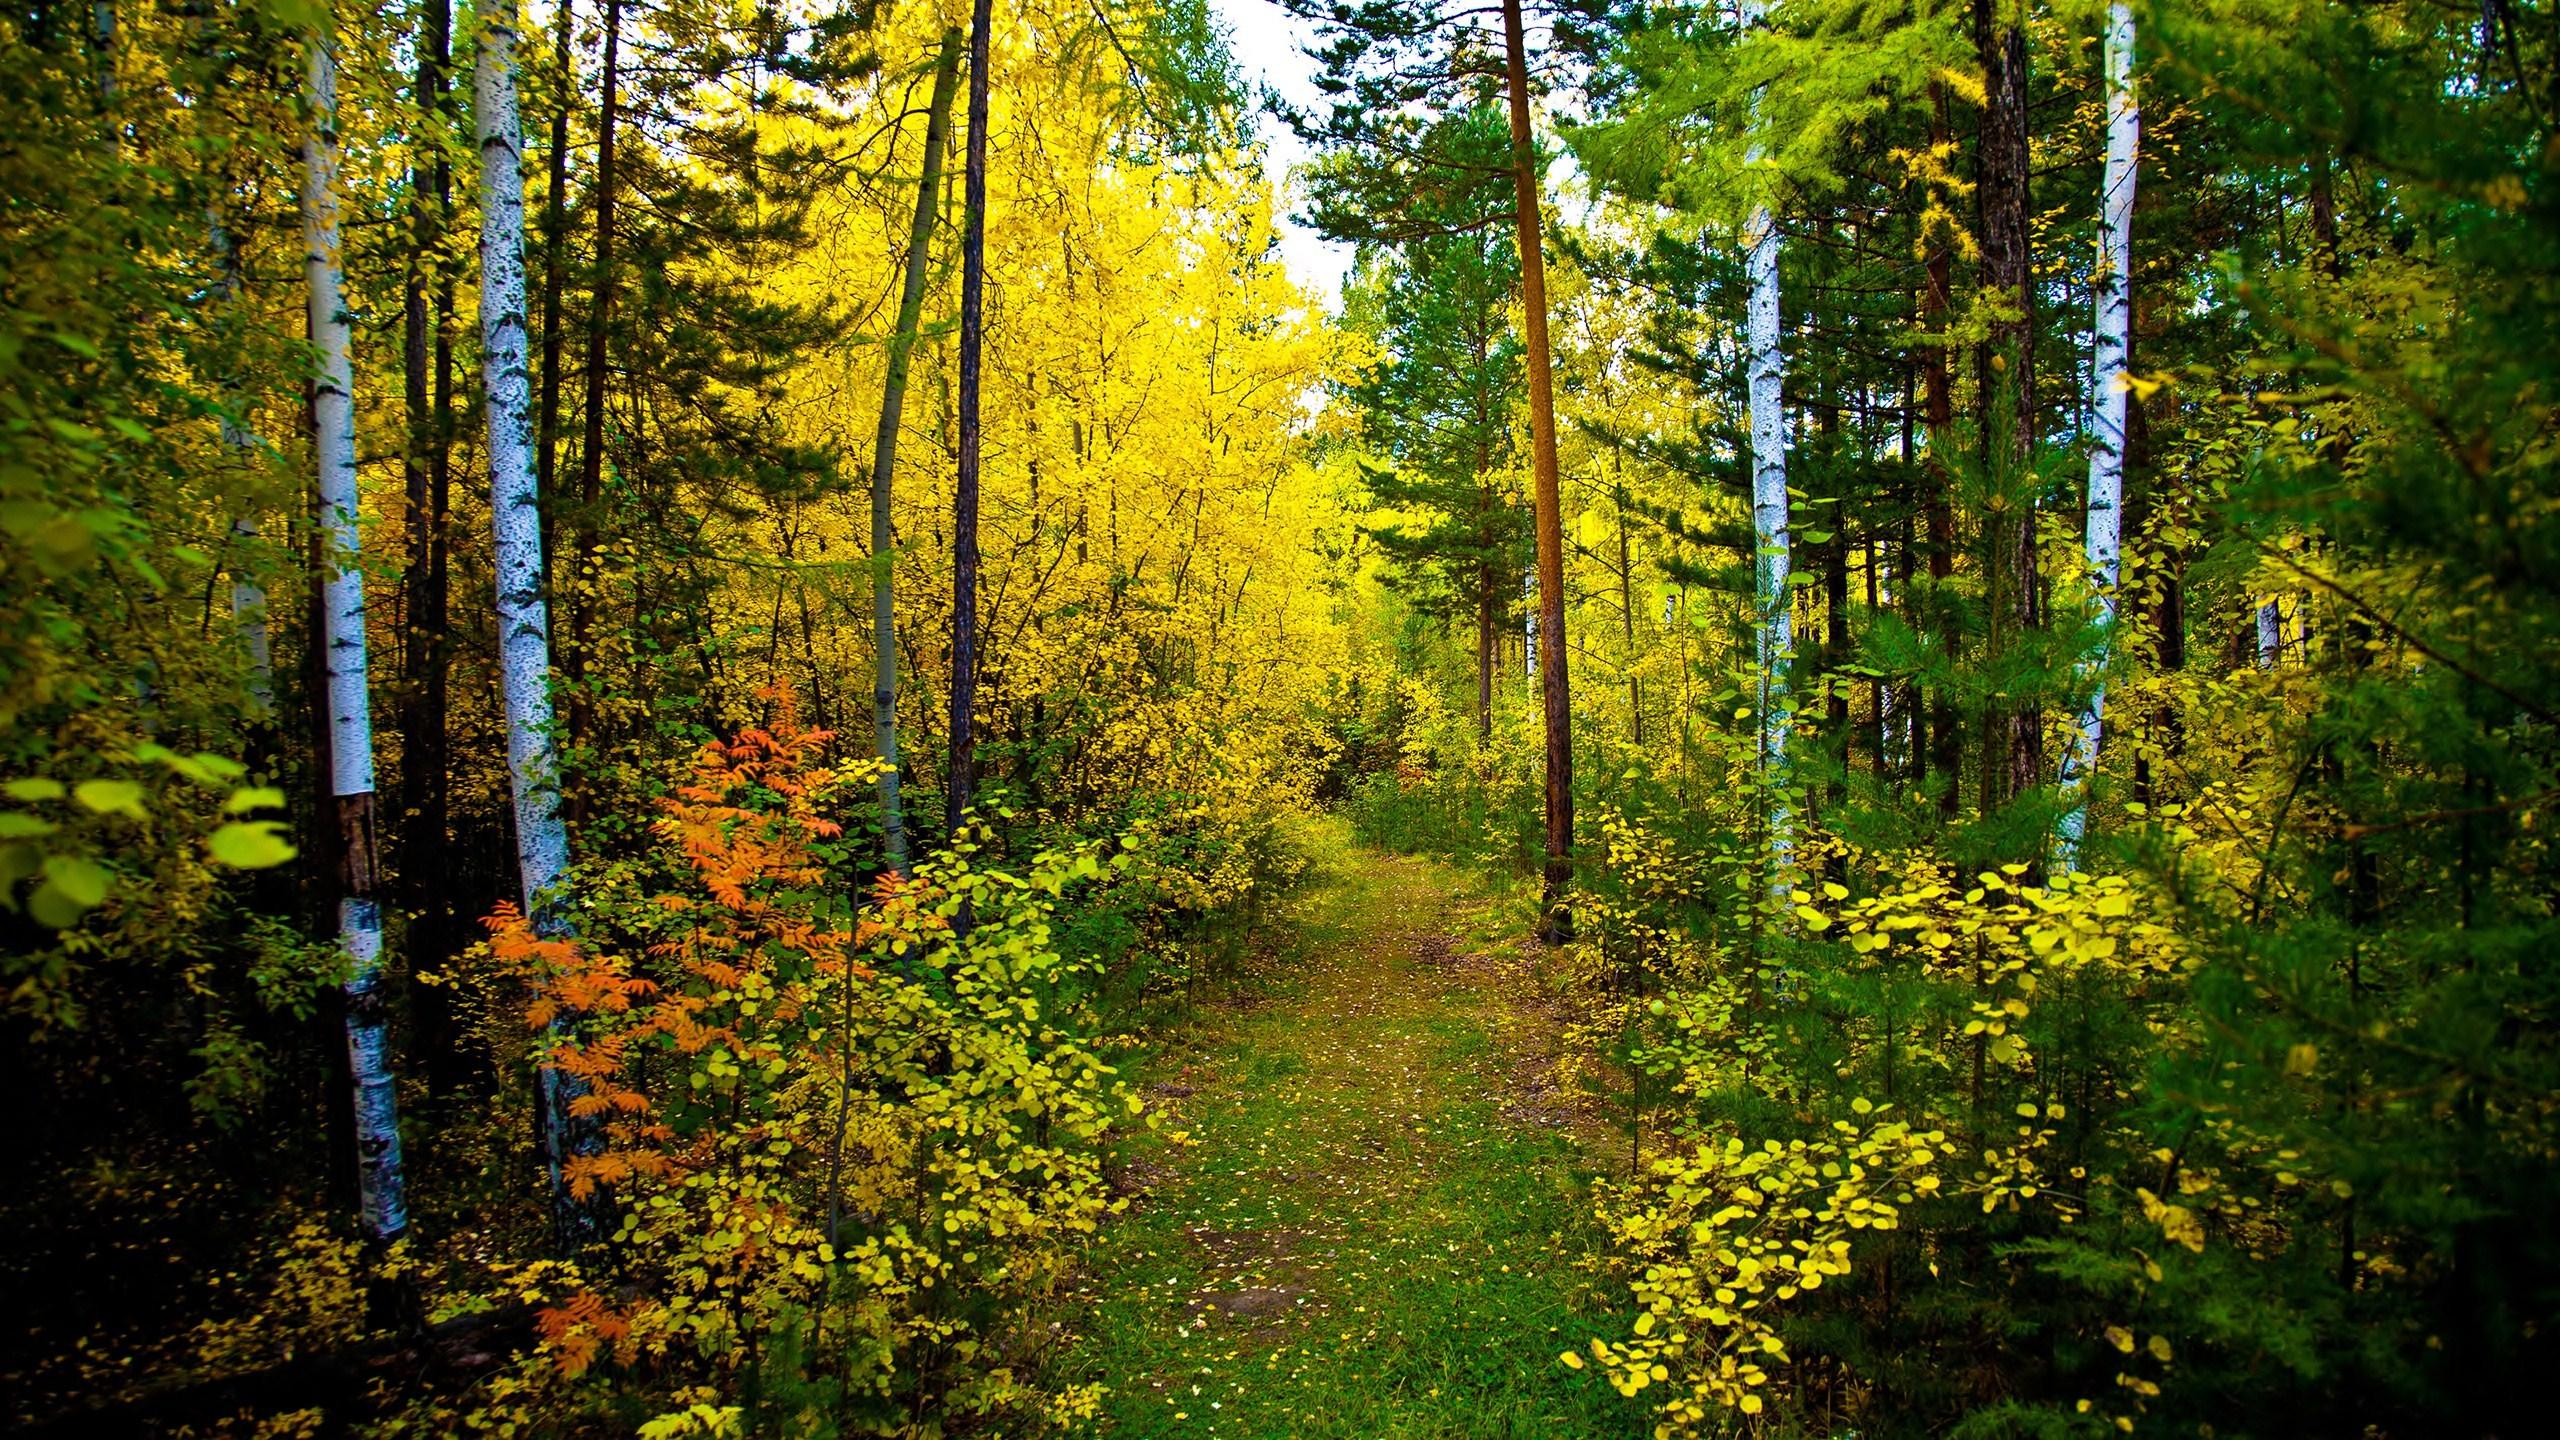 Fall Smoky Mountains Wallpaper Forest Papel De Parede Hd Plano De Fundo 2560x1440